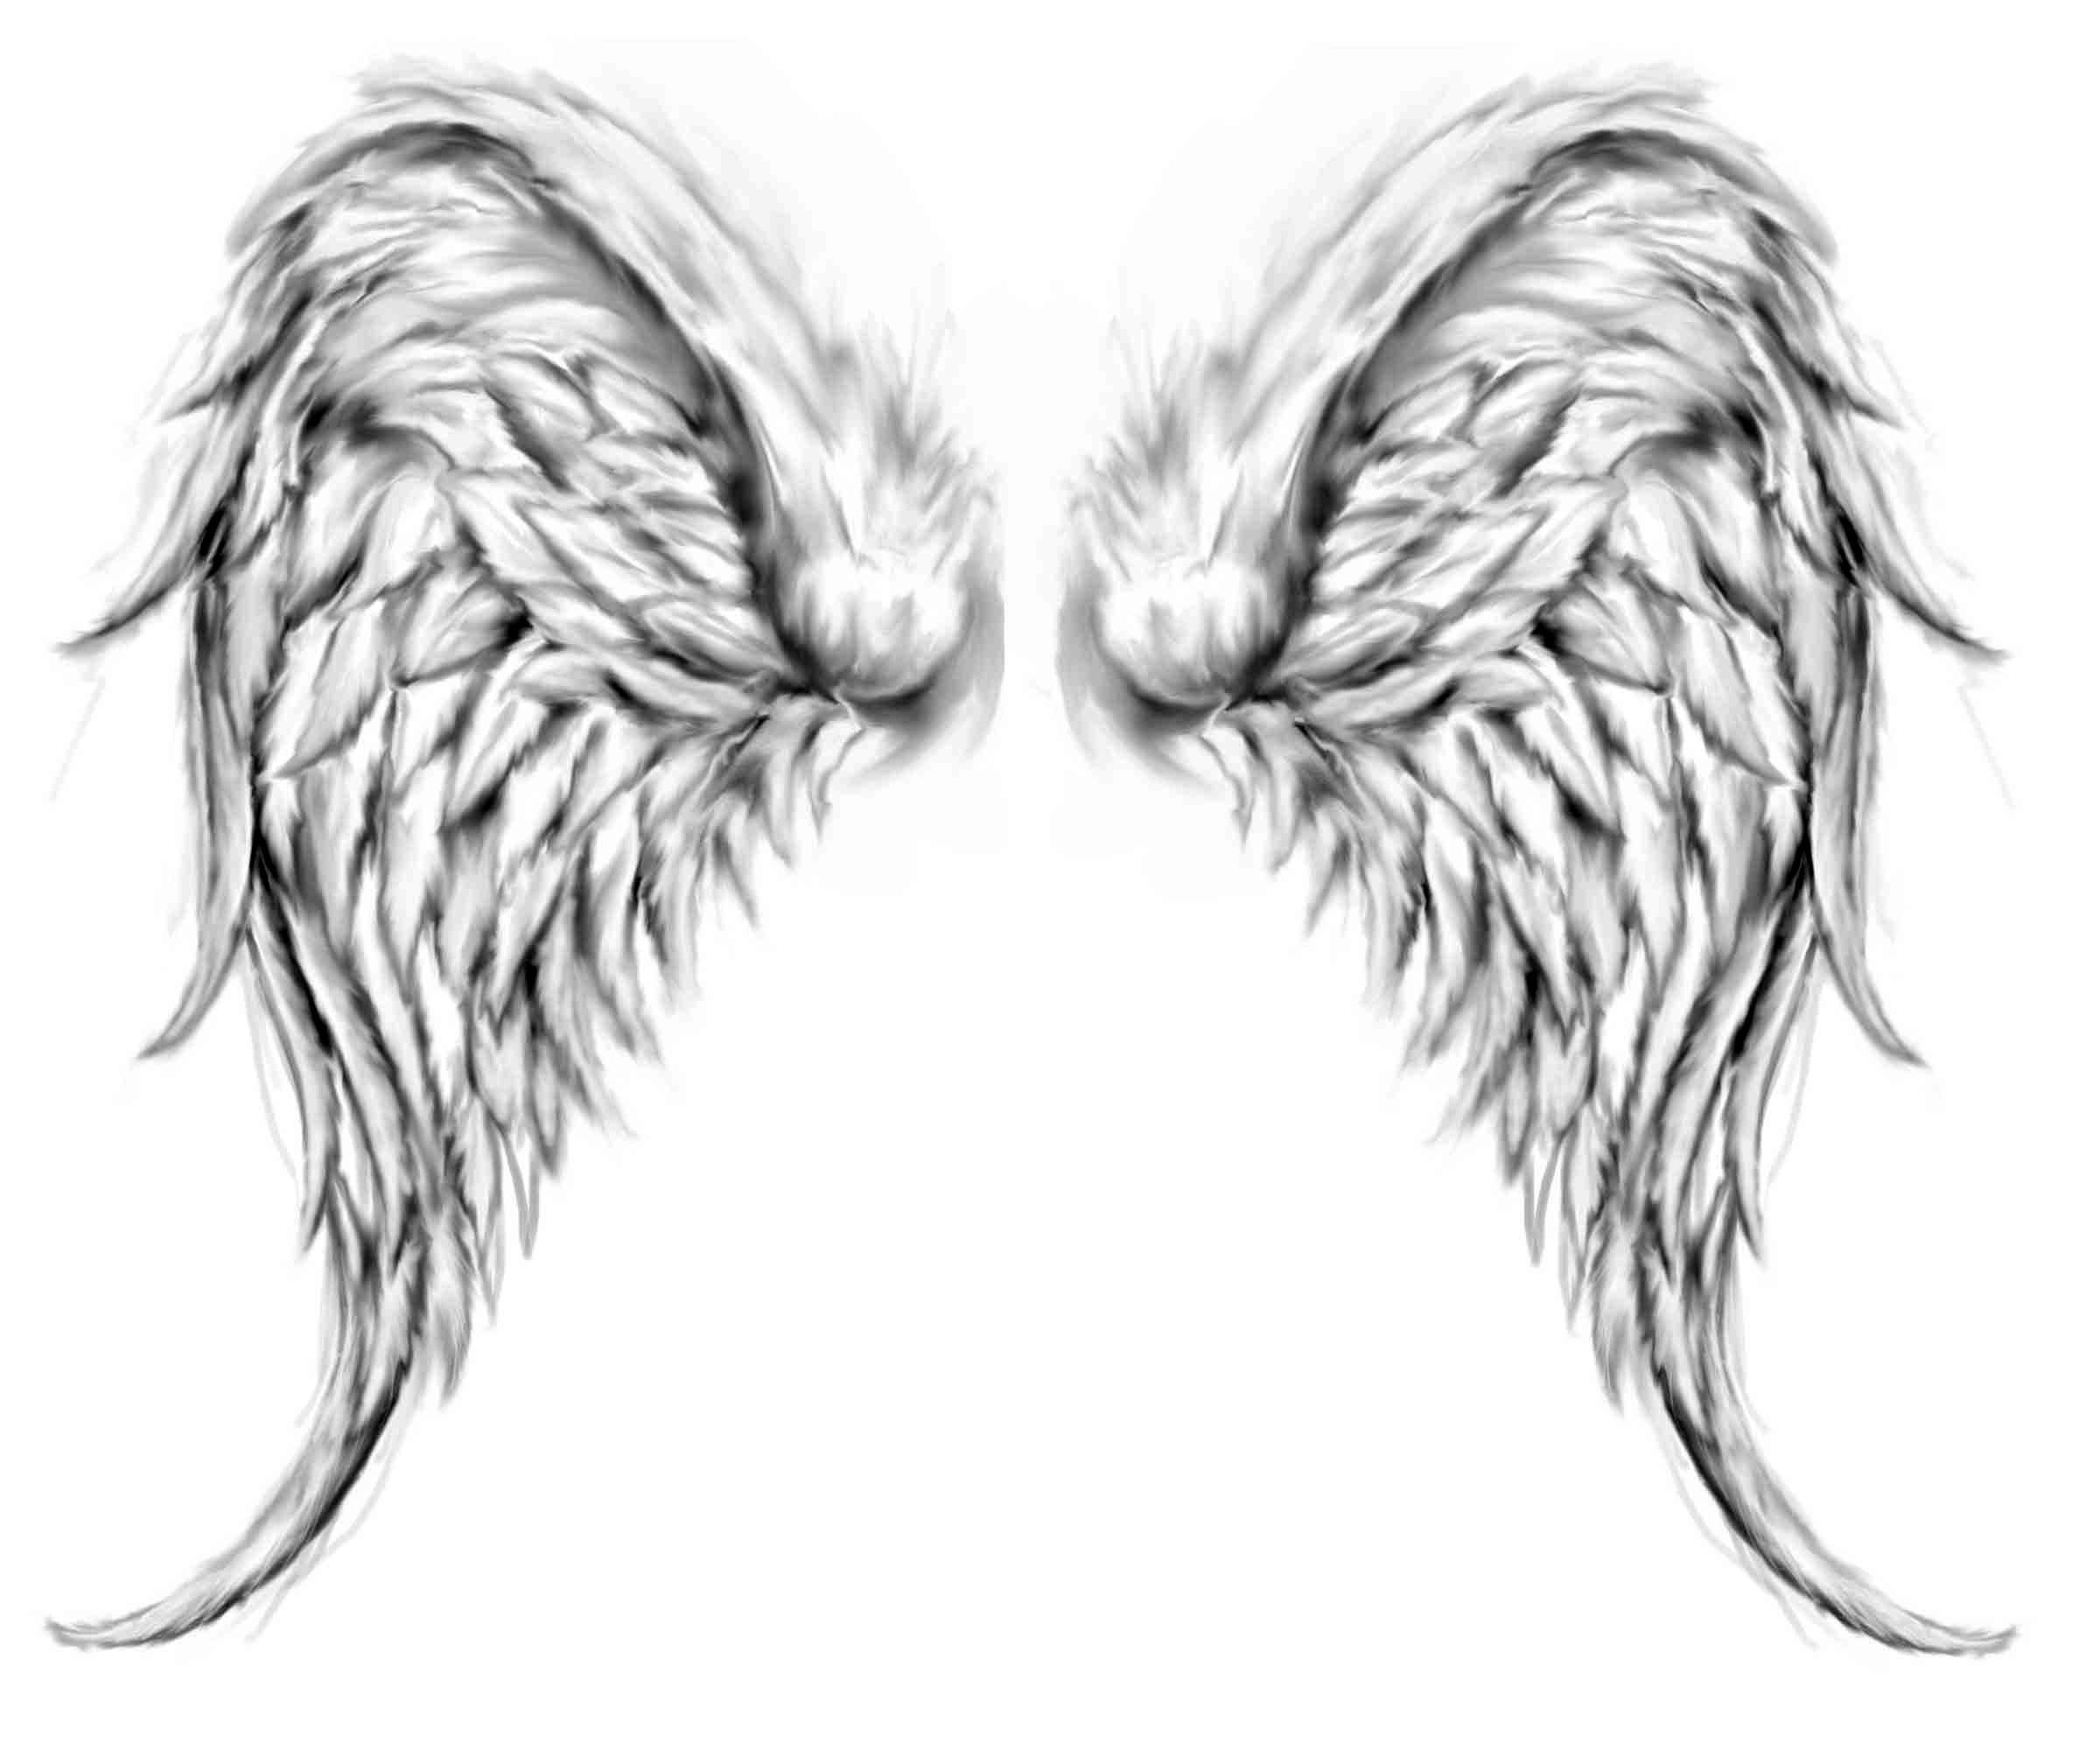 28 Angel Drawings Free Drawings Download: Free Angel Wings, Download Free Clip Art, Free Clip Art On